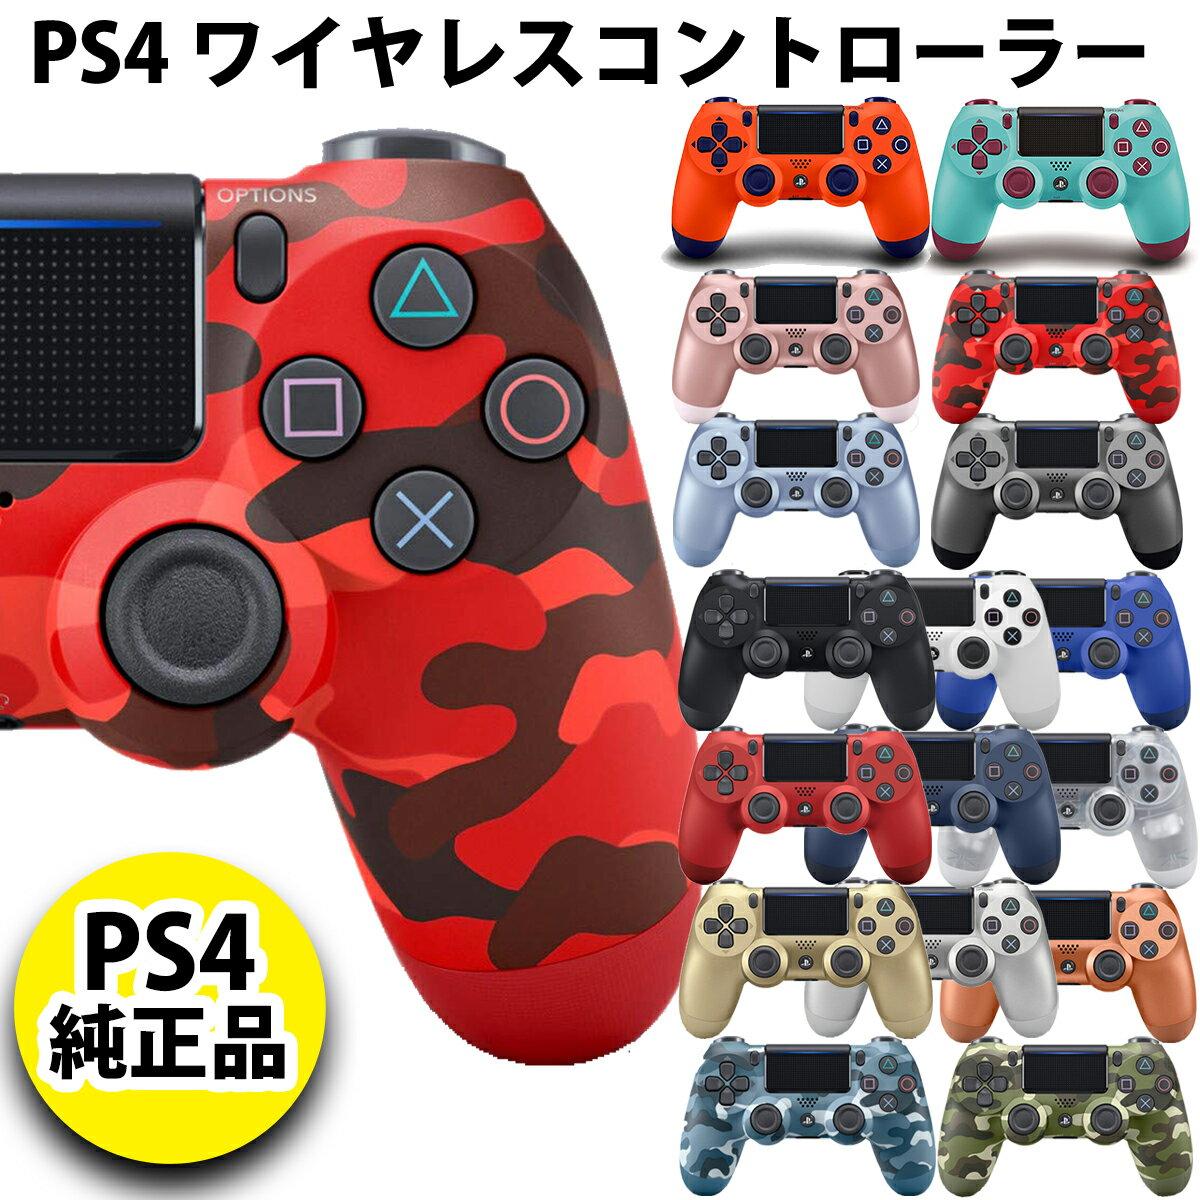 プレイステーション4, 周辺機器 PS4 DUALSHOCK 4 Playstation 4